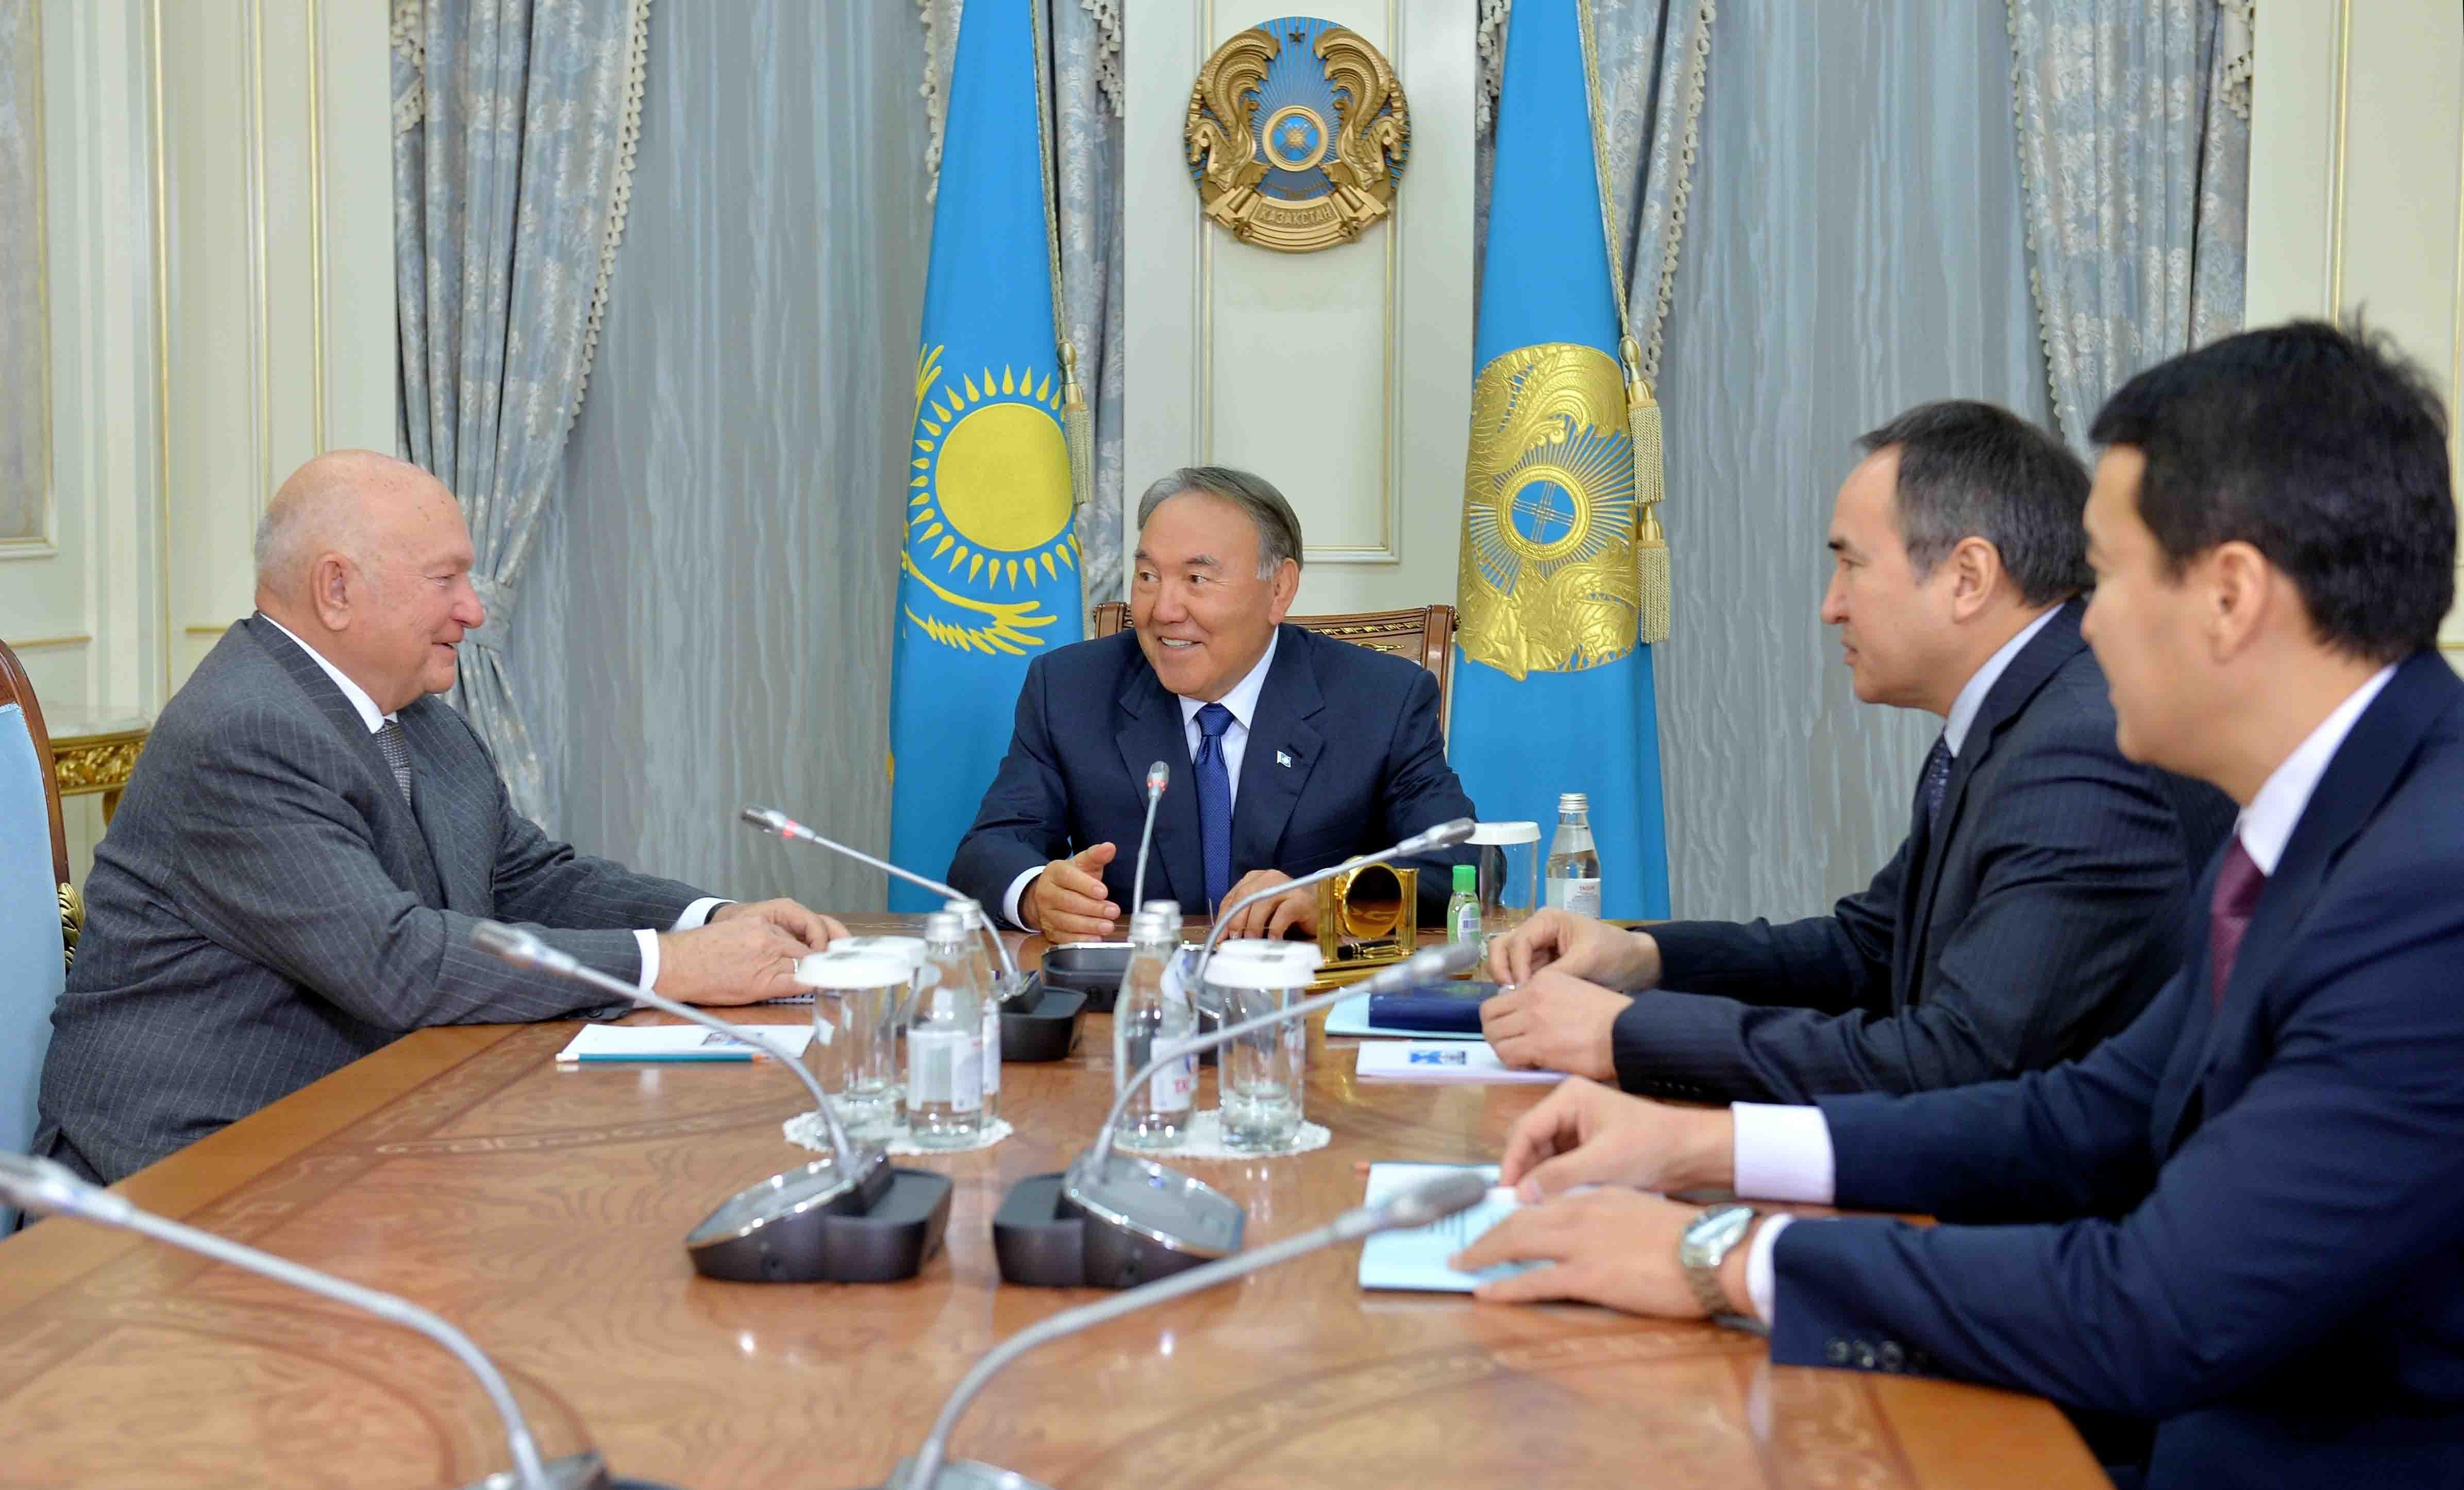 Президент Казахстана Нурсултан Назарбаев и экс-мэр Москвы Юрий Лужков